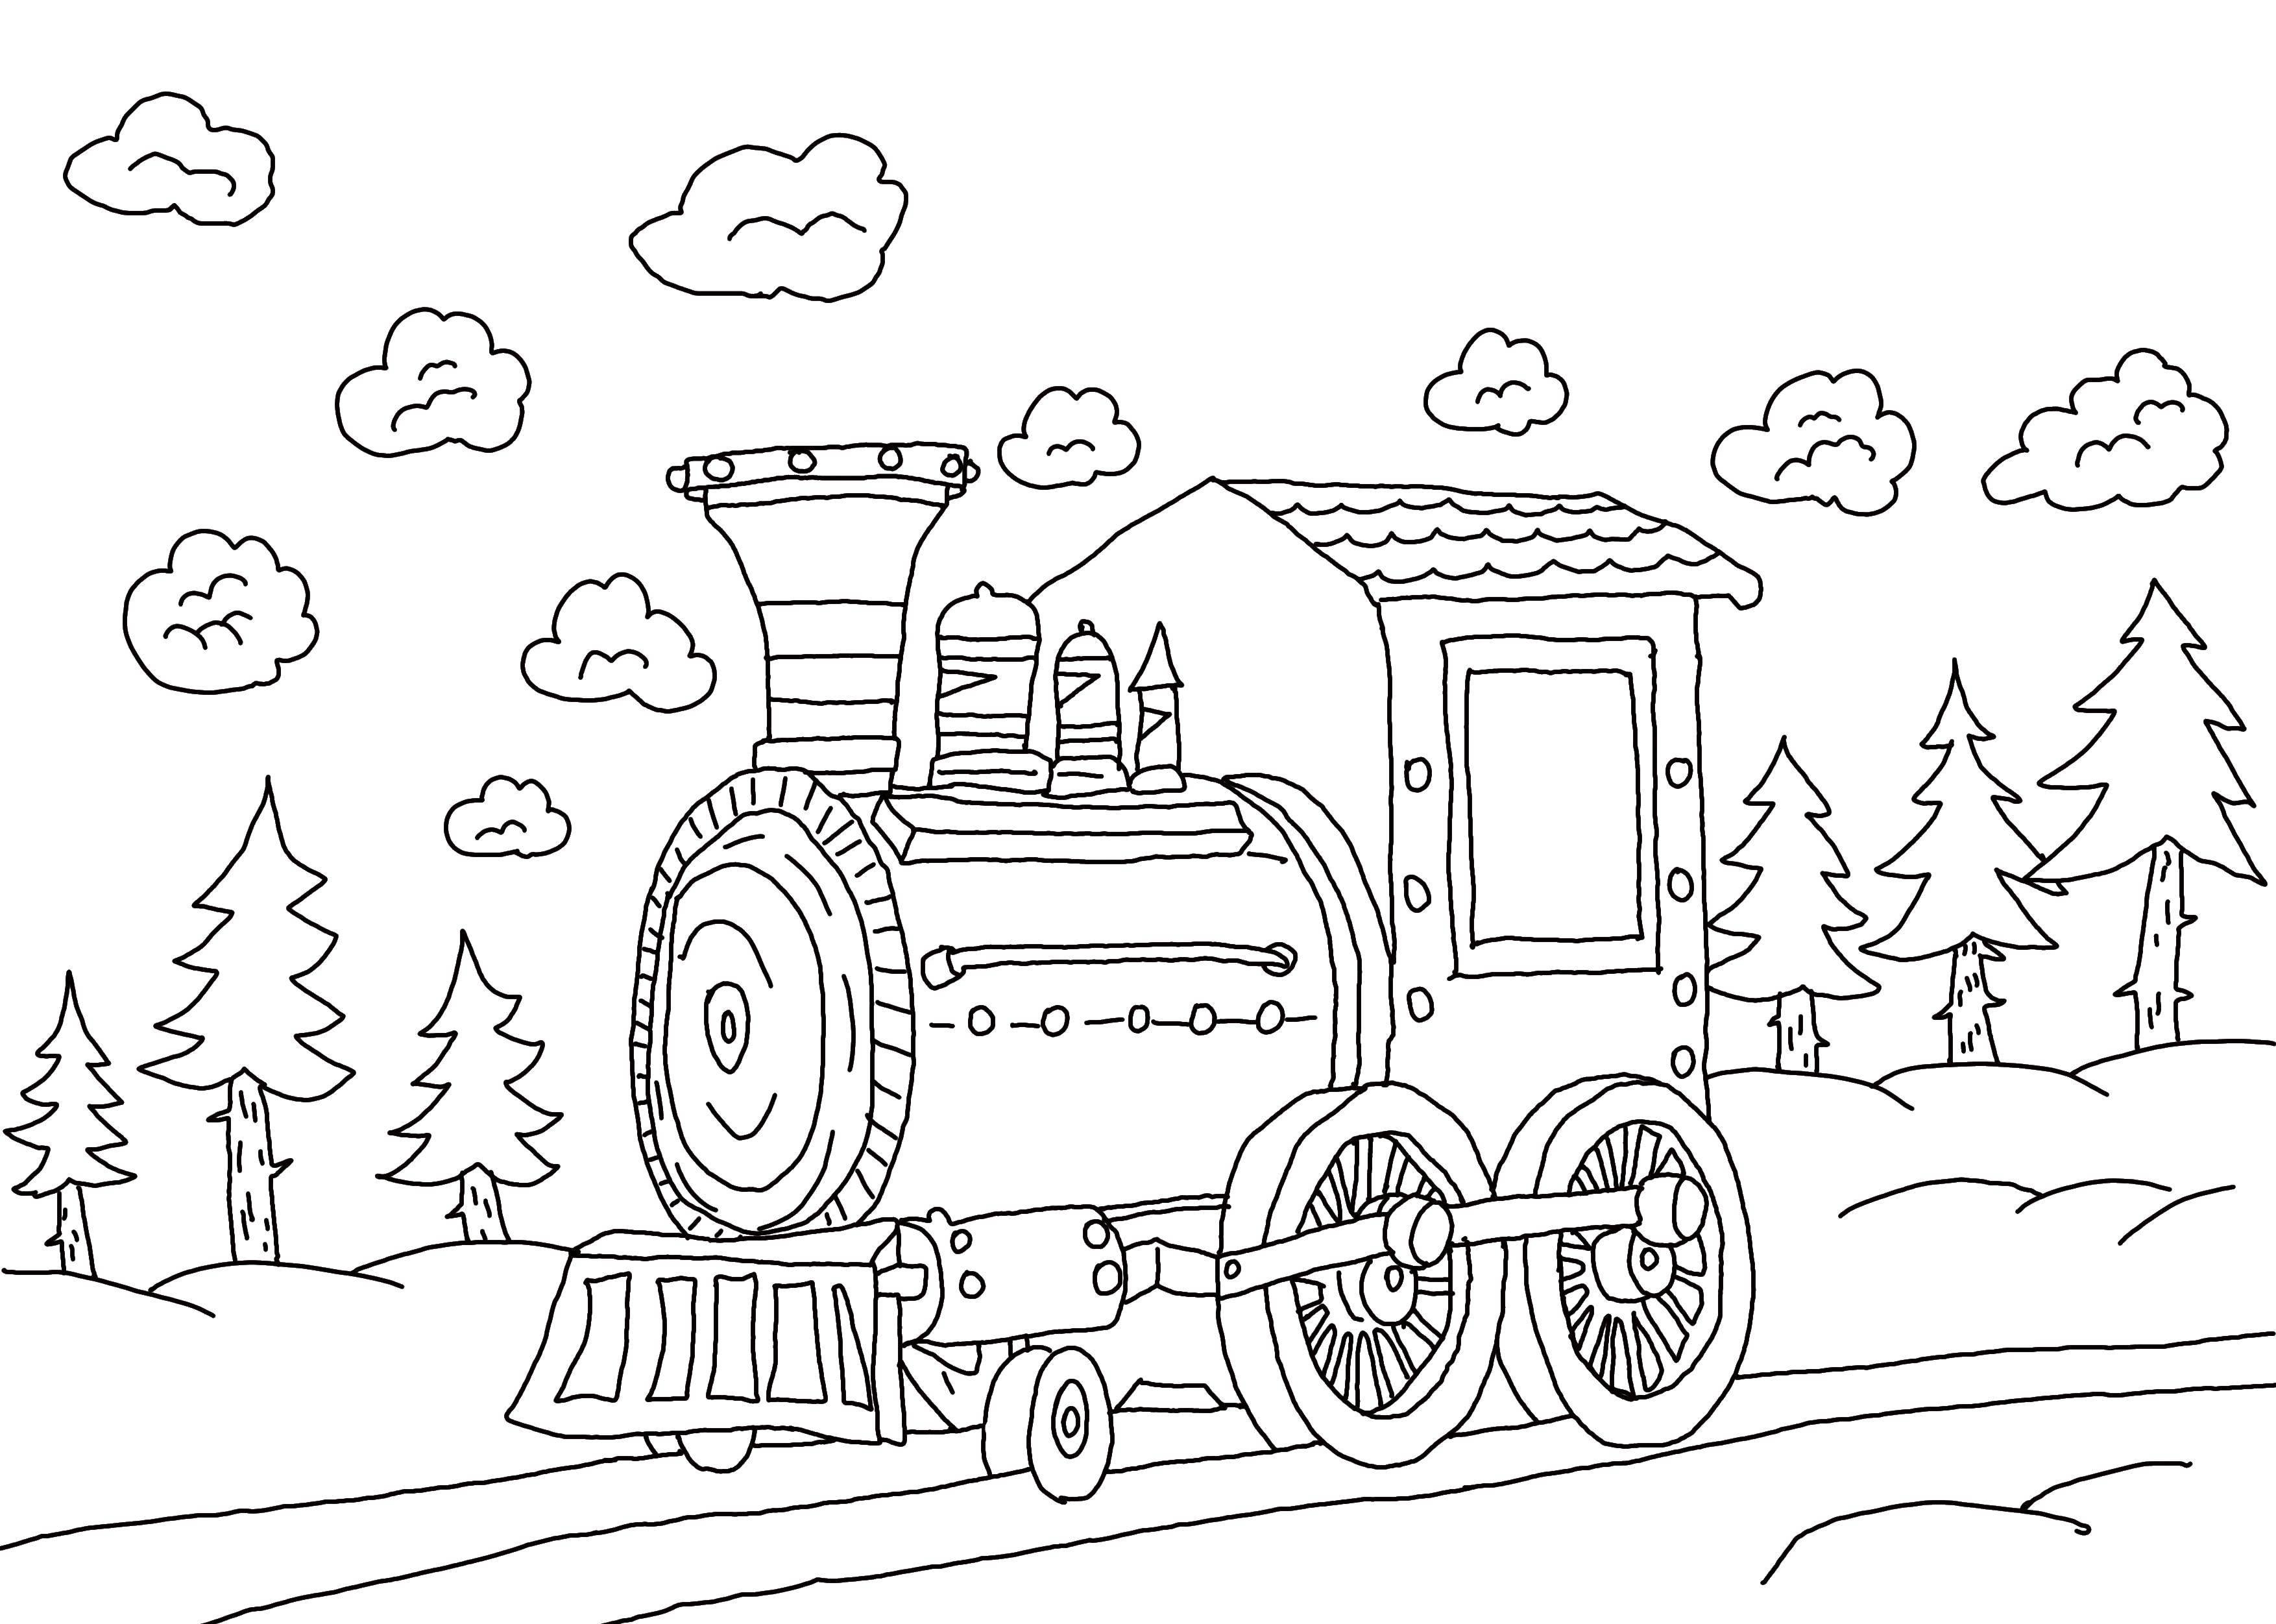 картинка раскраска паровоза сказочного упаковки, пакеты, обломки